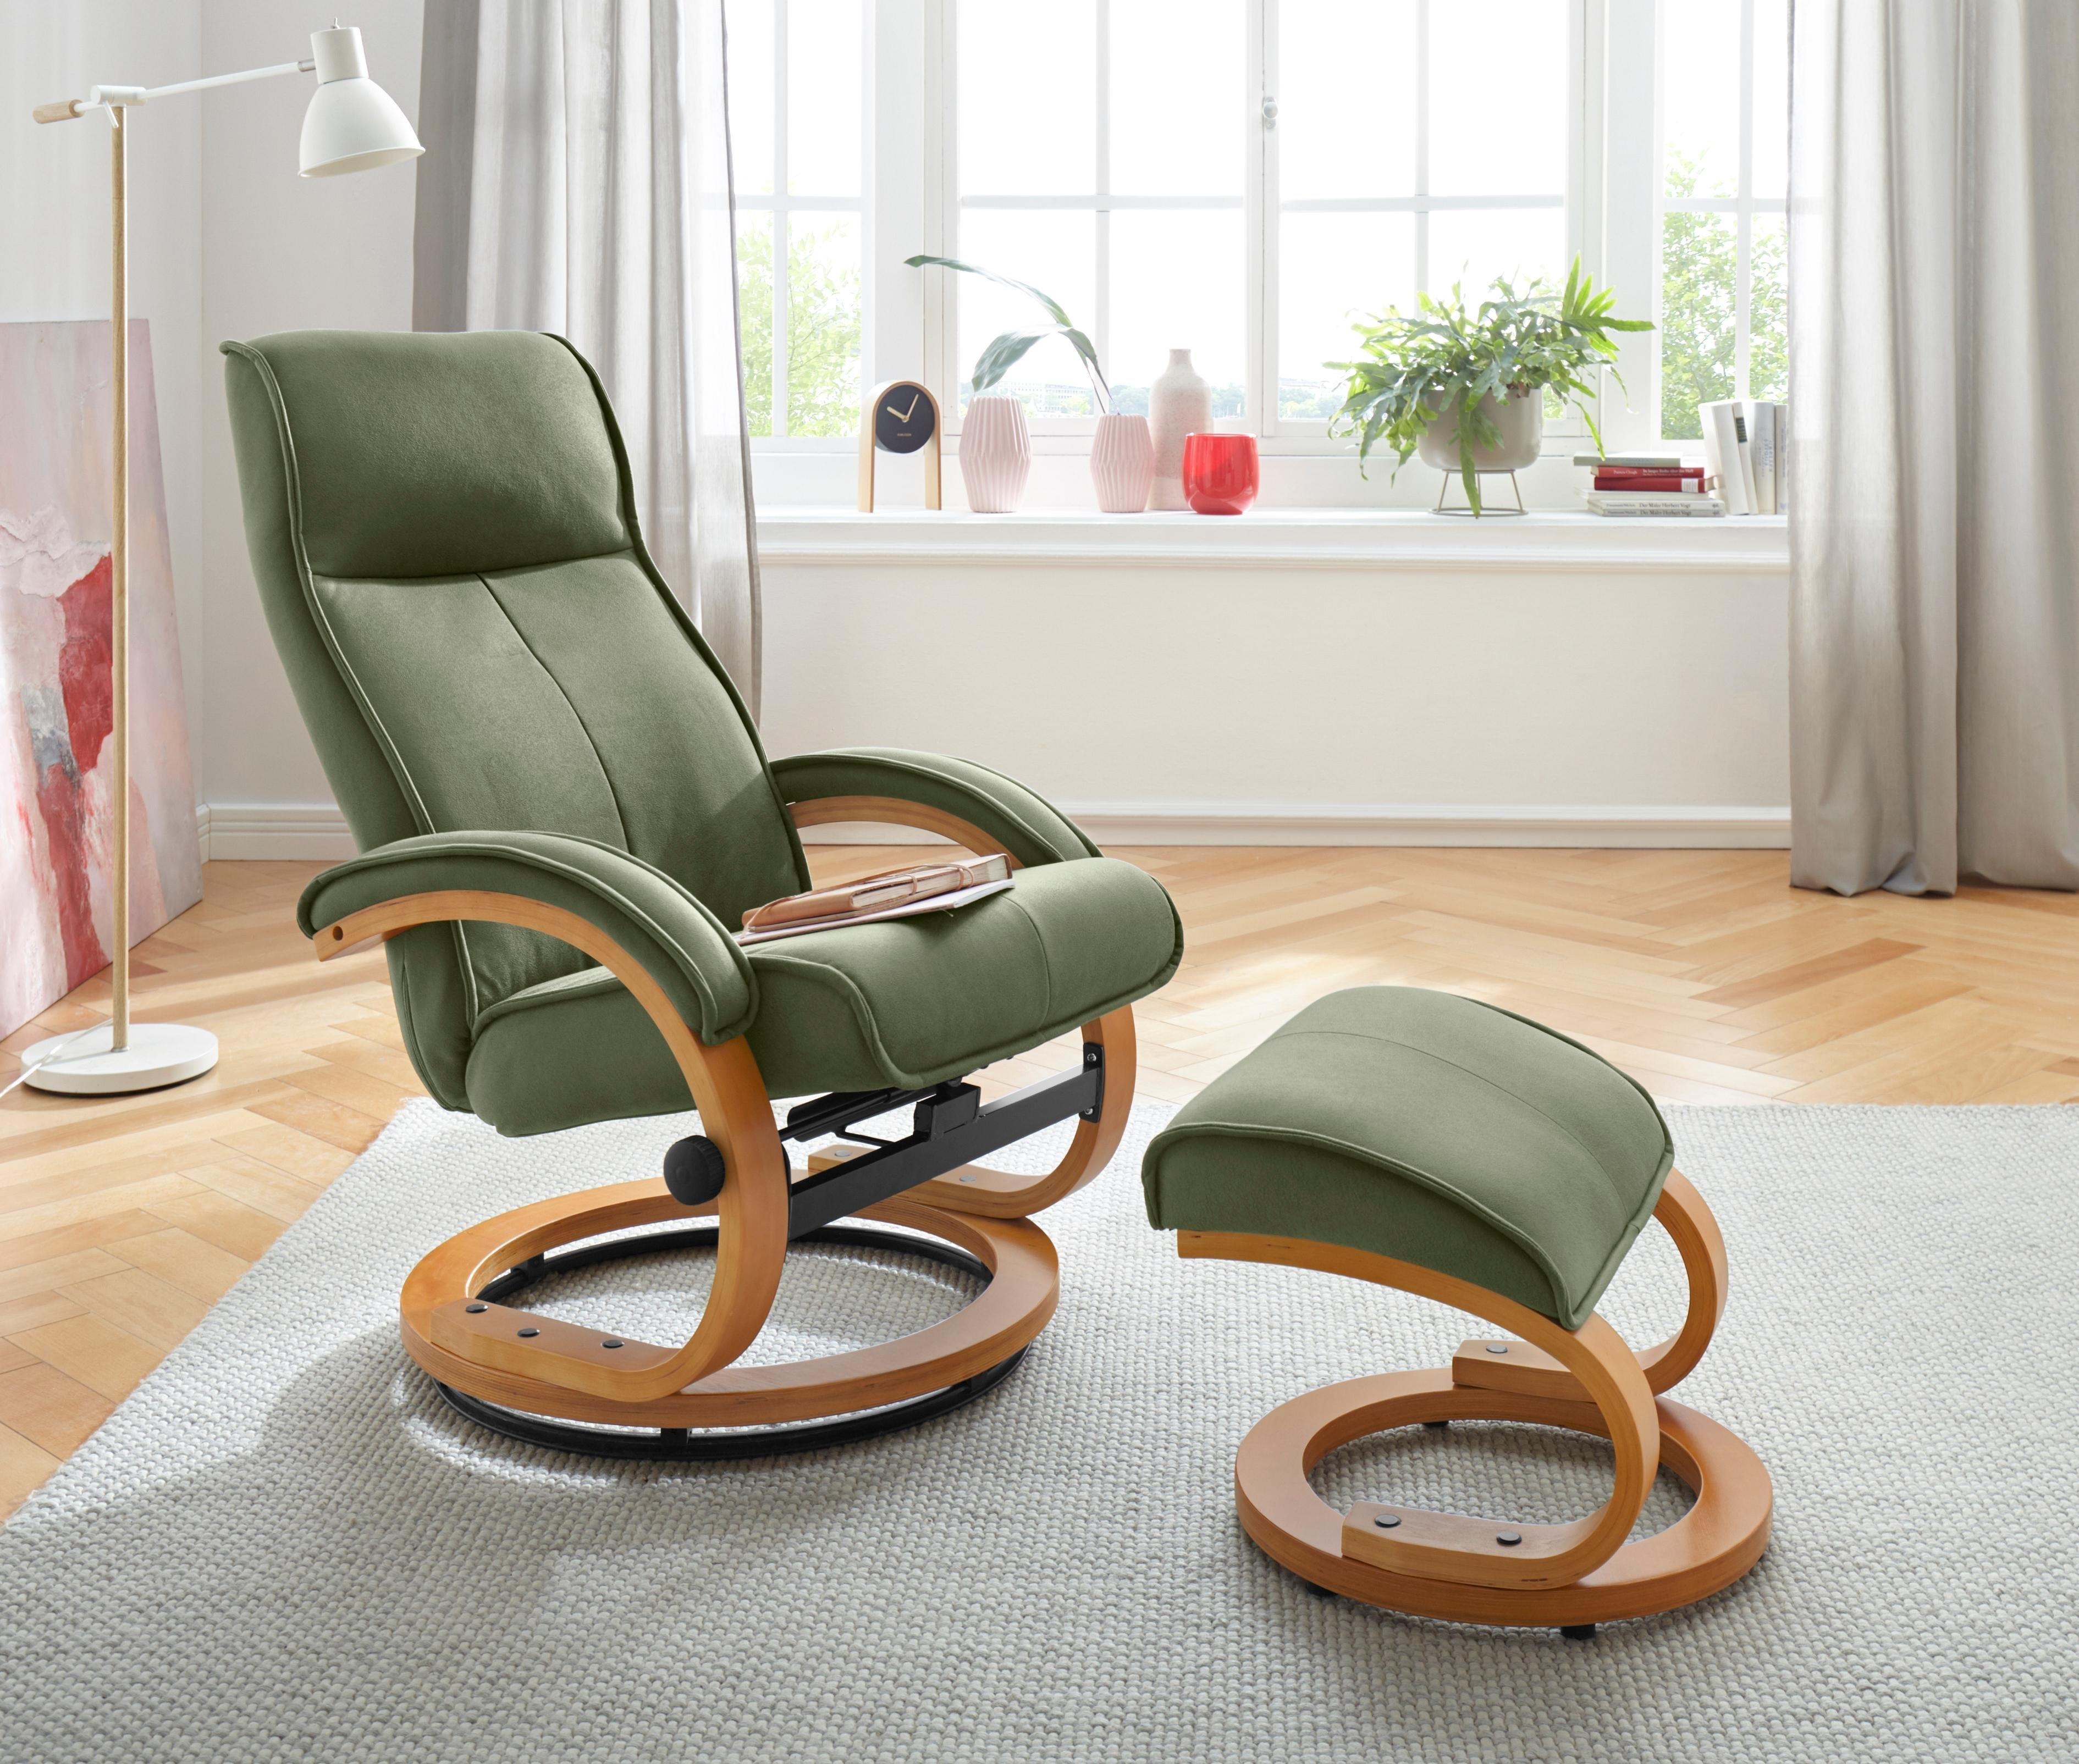 My Home relaxfauteuil & hocker »Lille« van zacht luxe-Microgaren, houten onderstel, zithoogte 46 cm - gratis ruilen op otto.nl